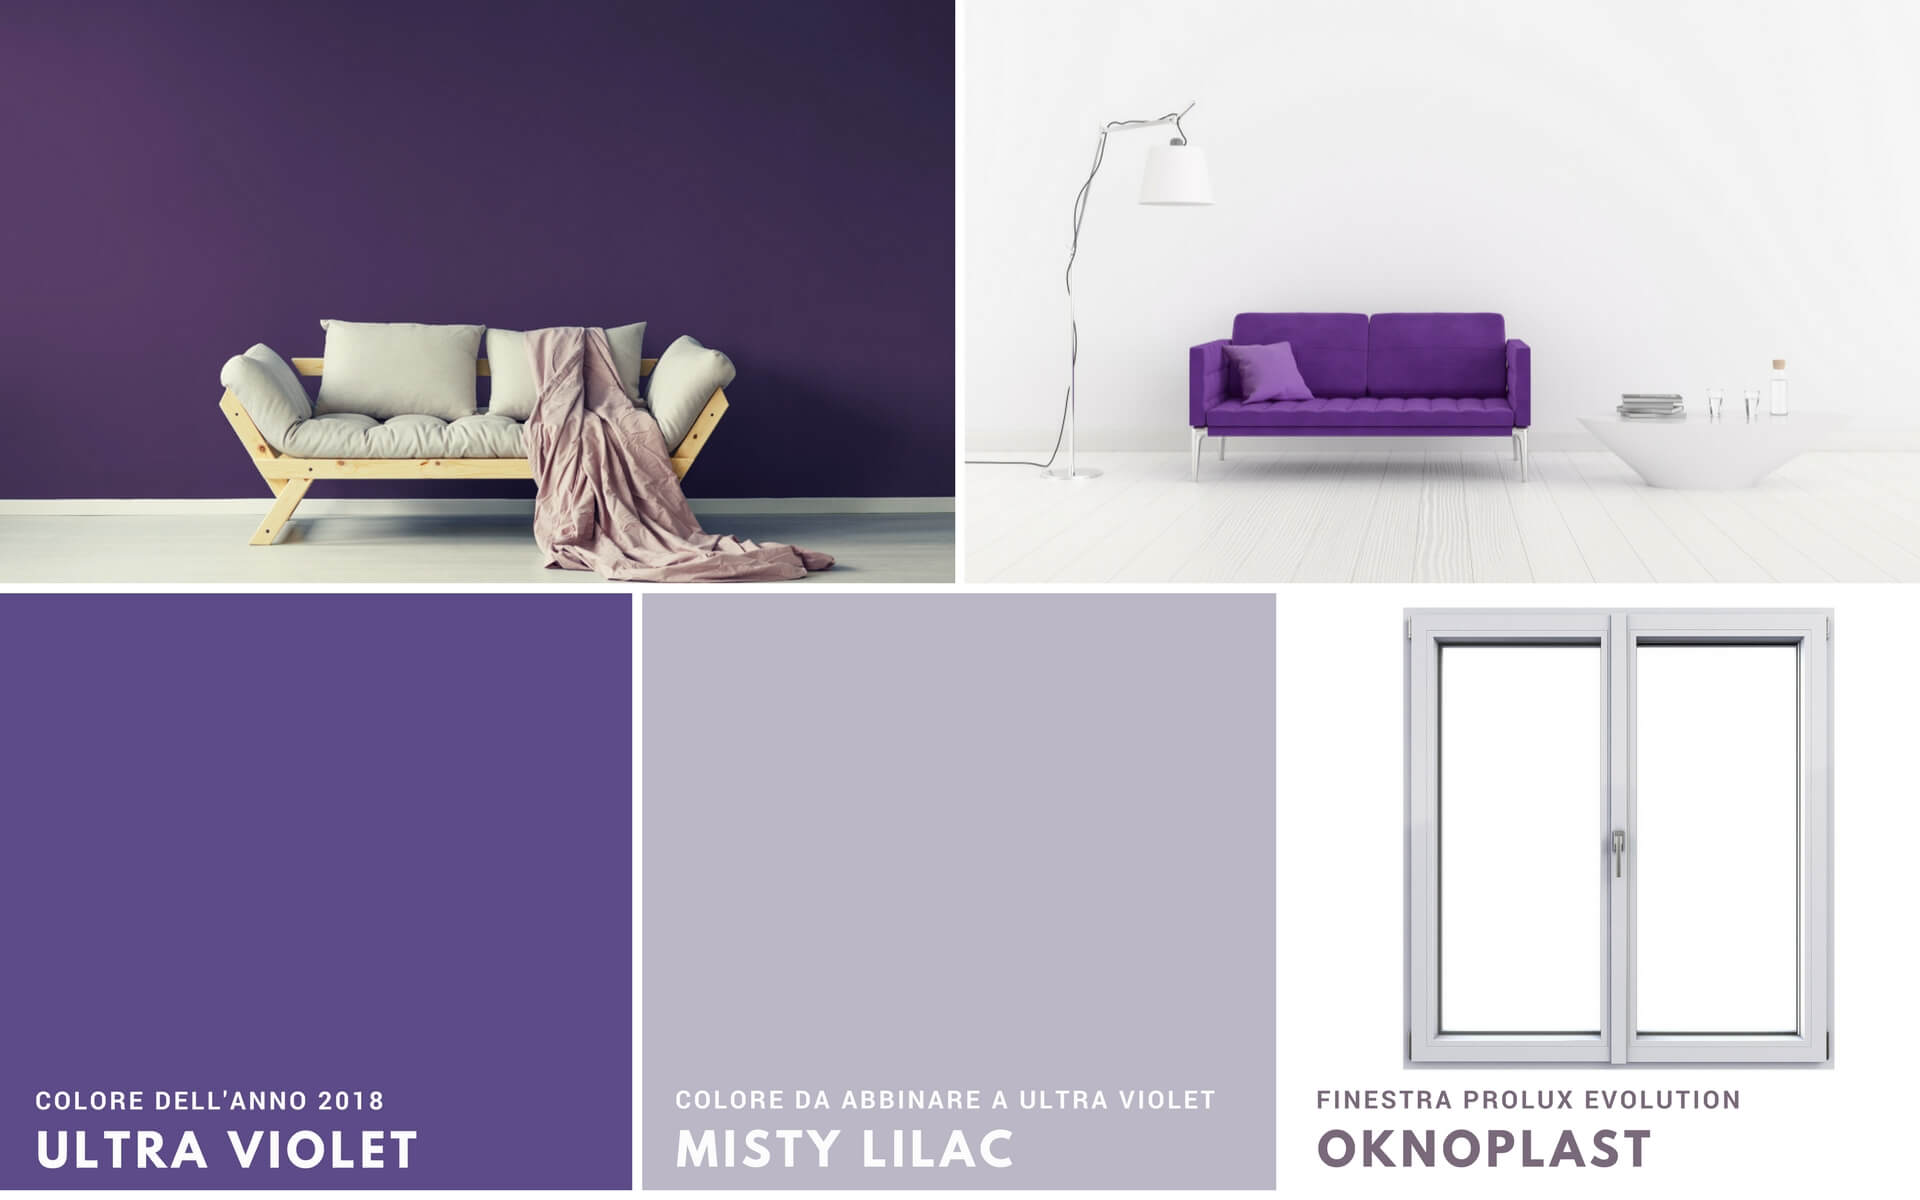 L'Ultra Violet è il colore dell'anno 2018